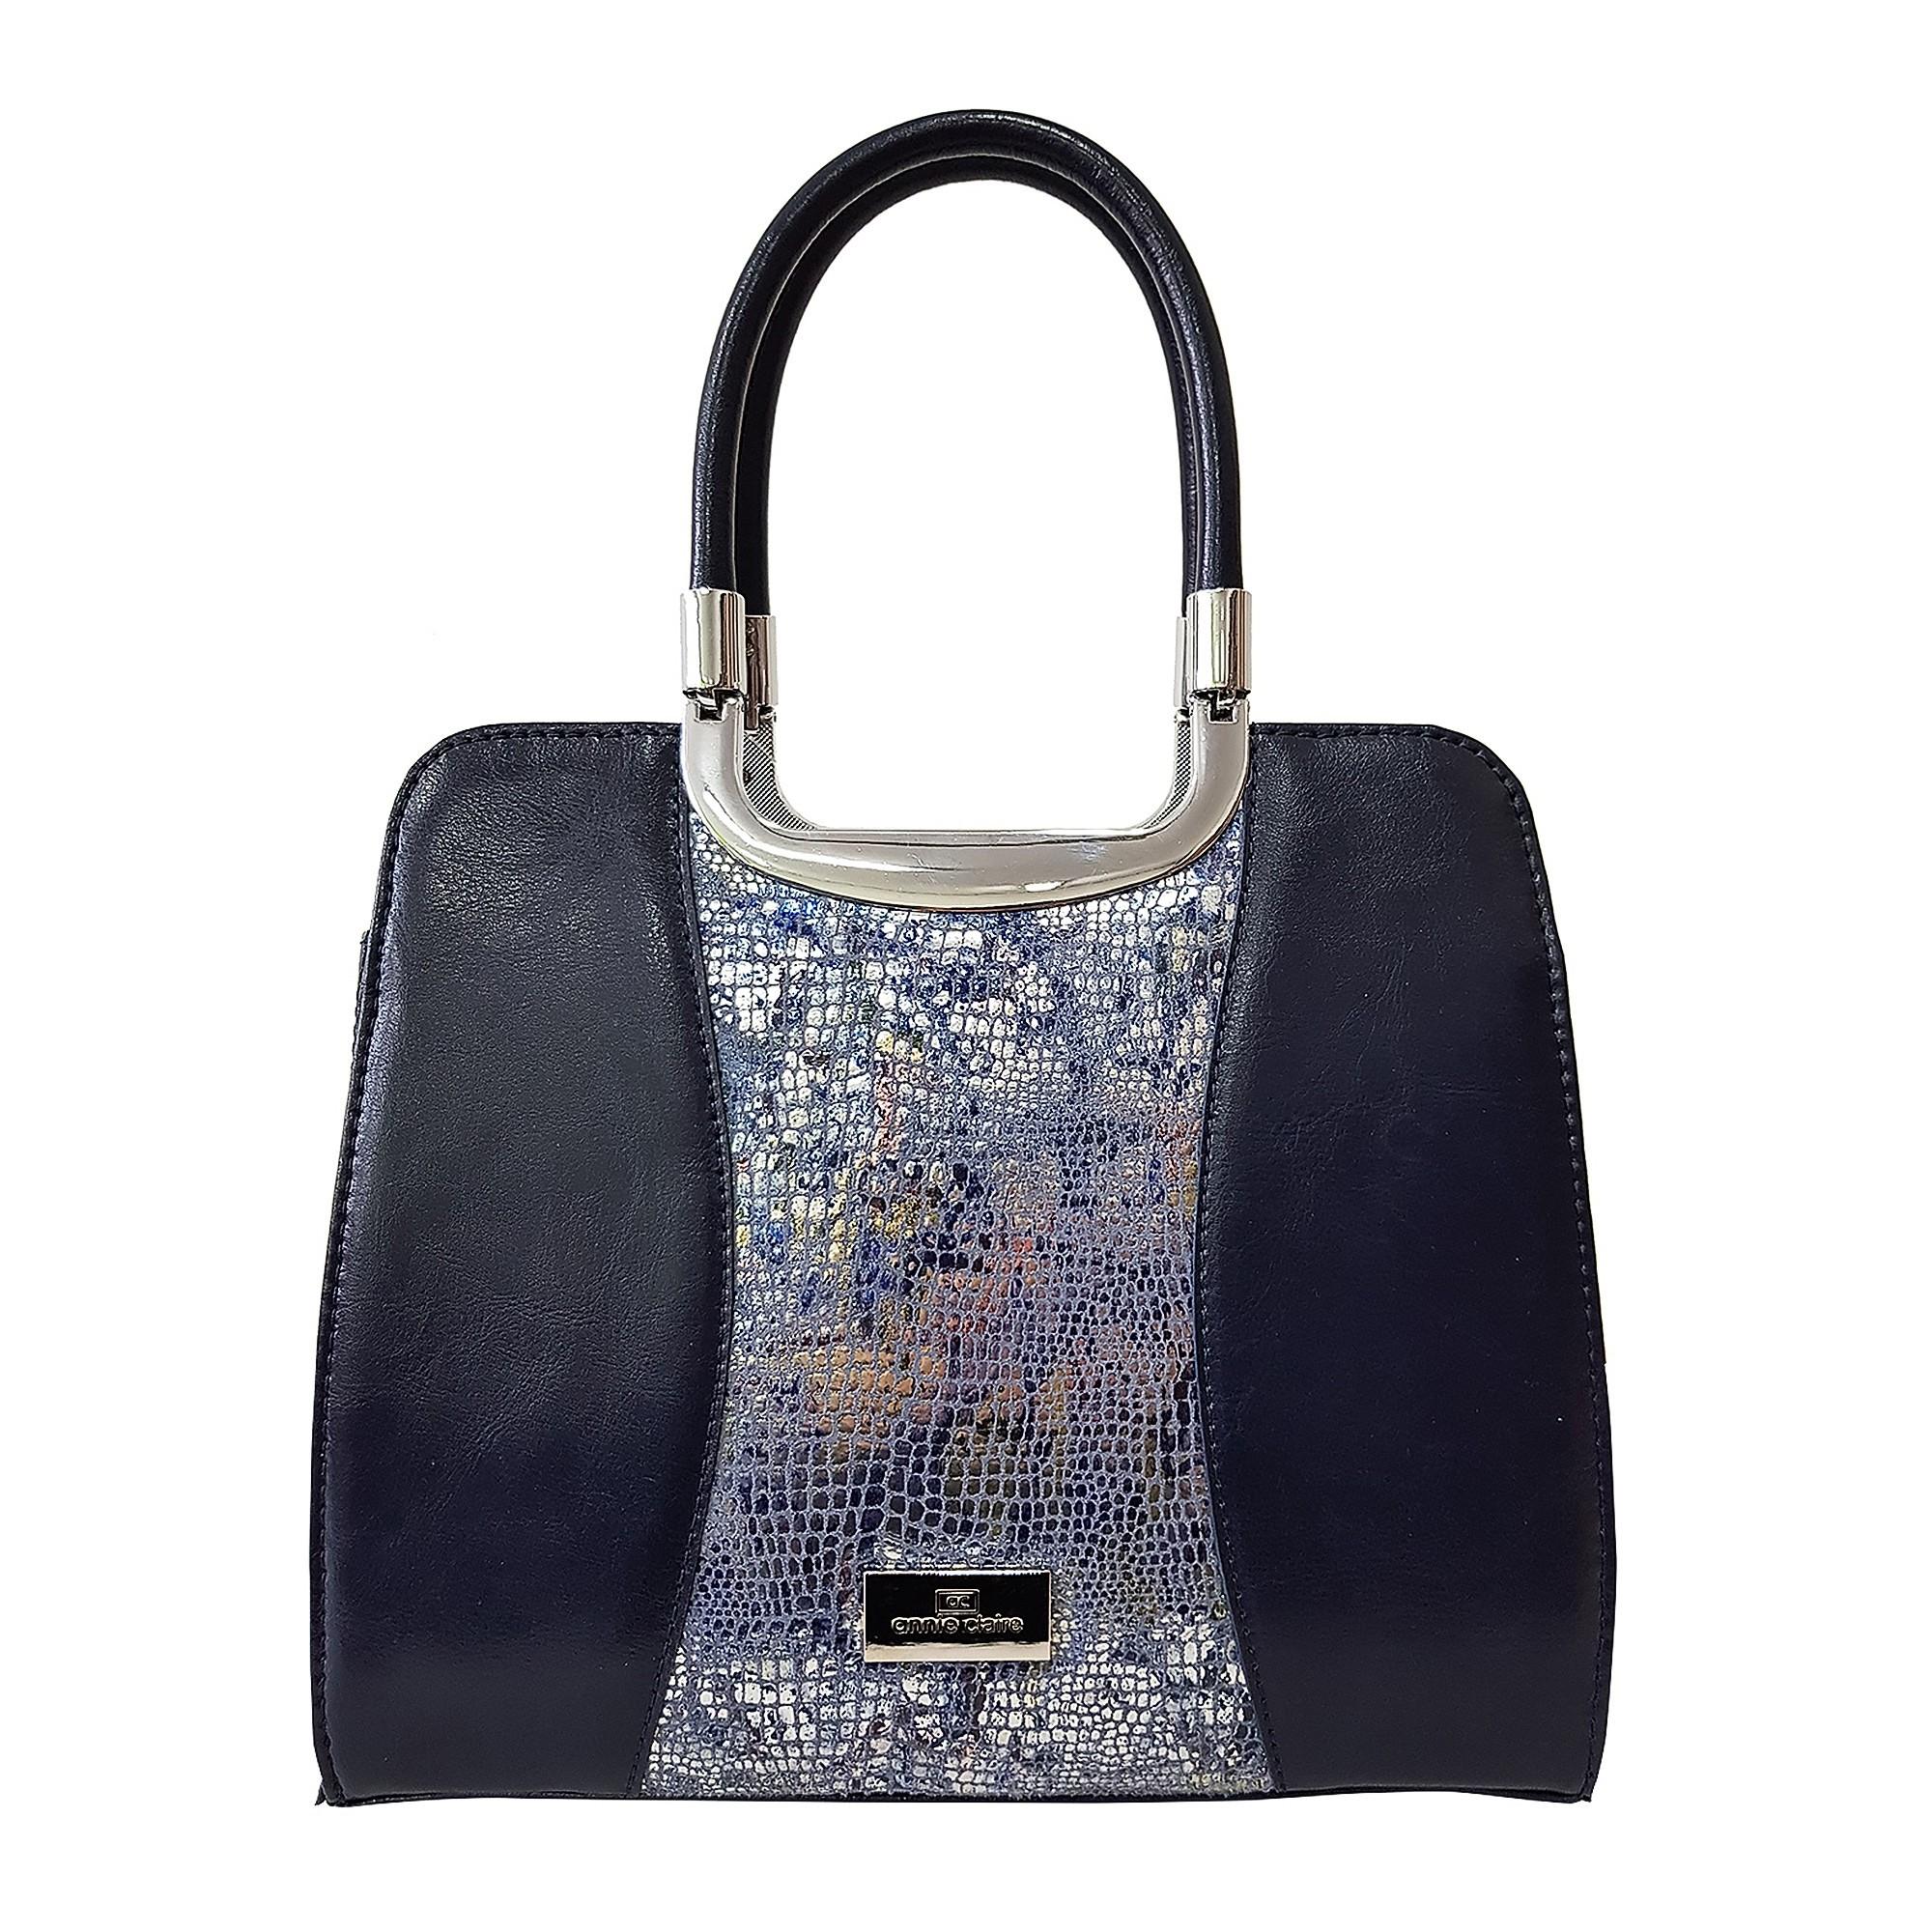 Dámska kožená kabelka, tmavomodrá so vzorom